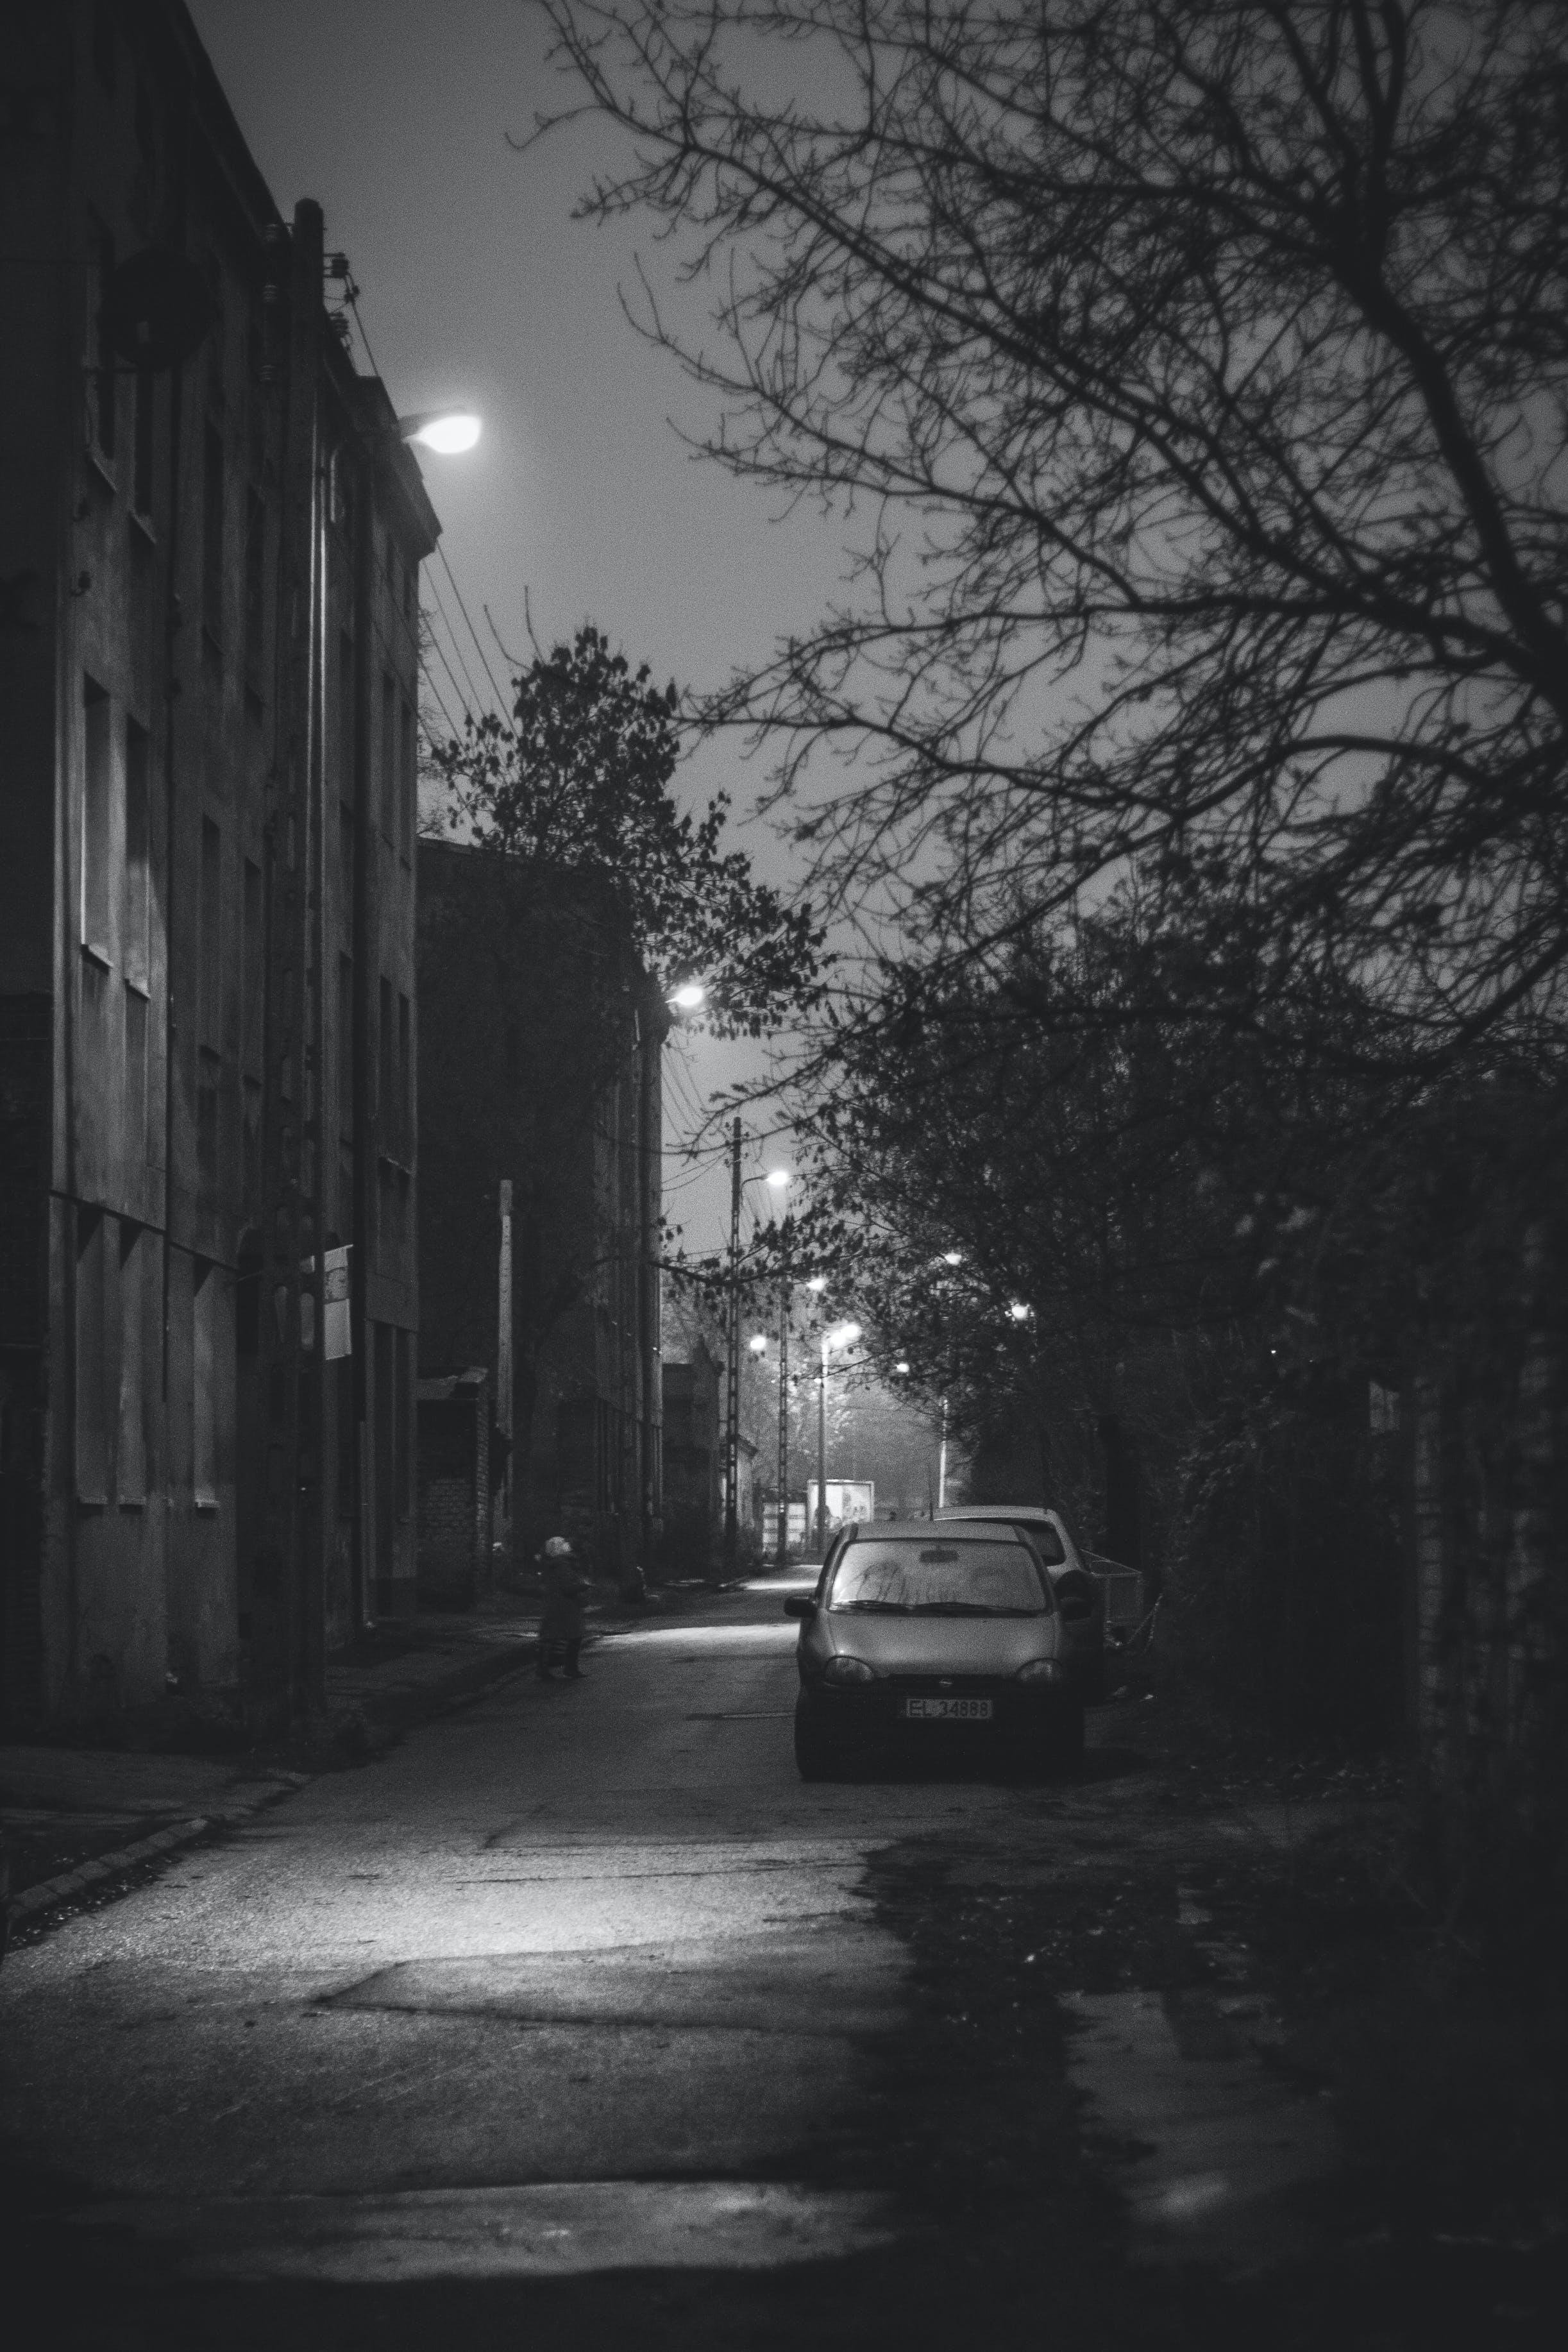 Gratis arkivbilde med bil, by, gate, mørk